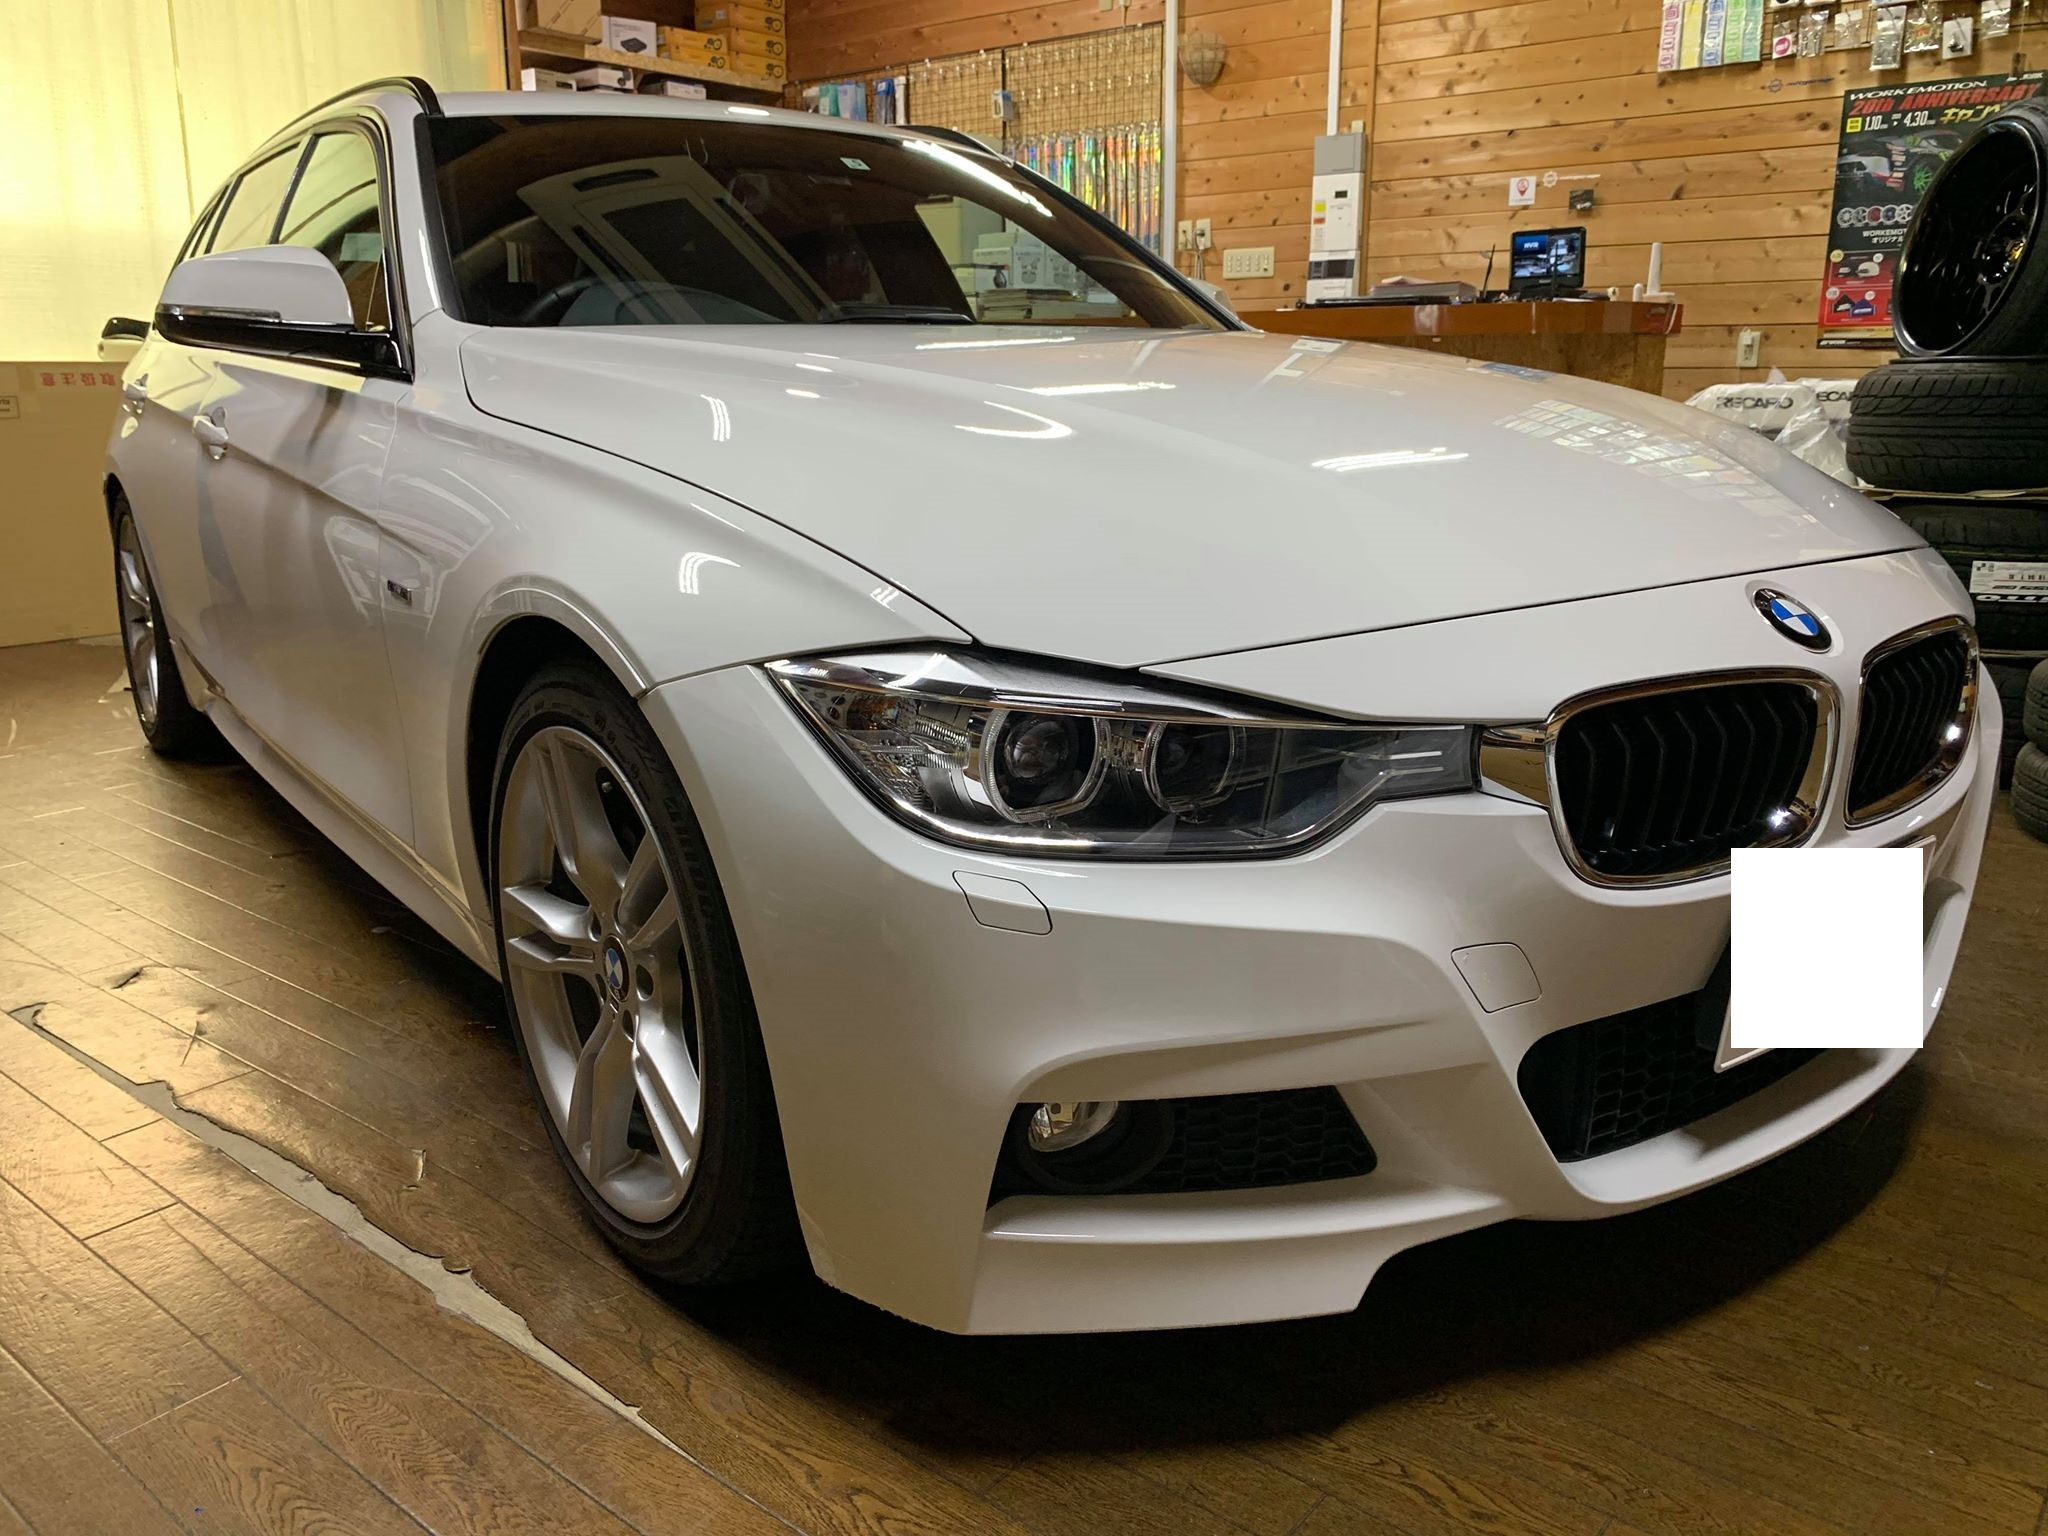 DTV見れたほうがいいですよね。BMW3シリーズ F31にインターフェース&TVチューナー取付!